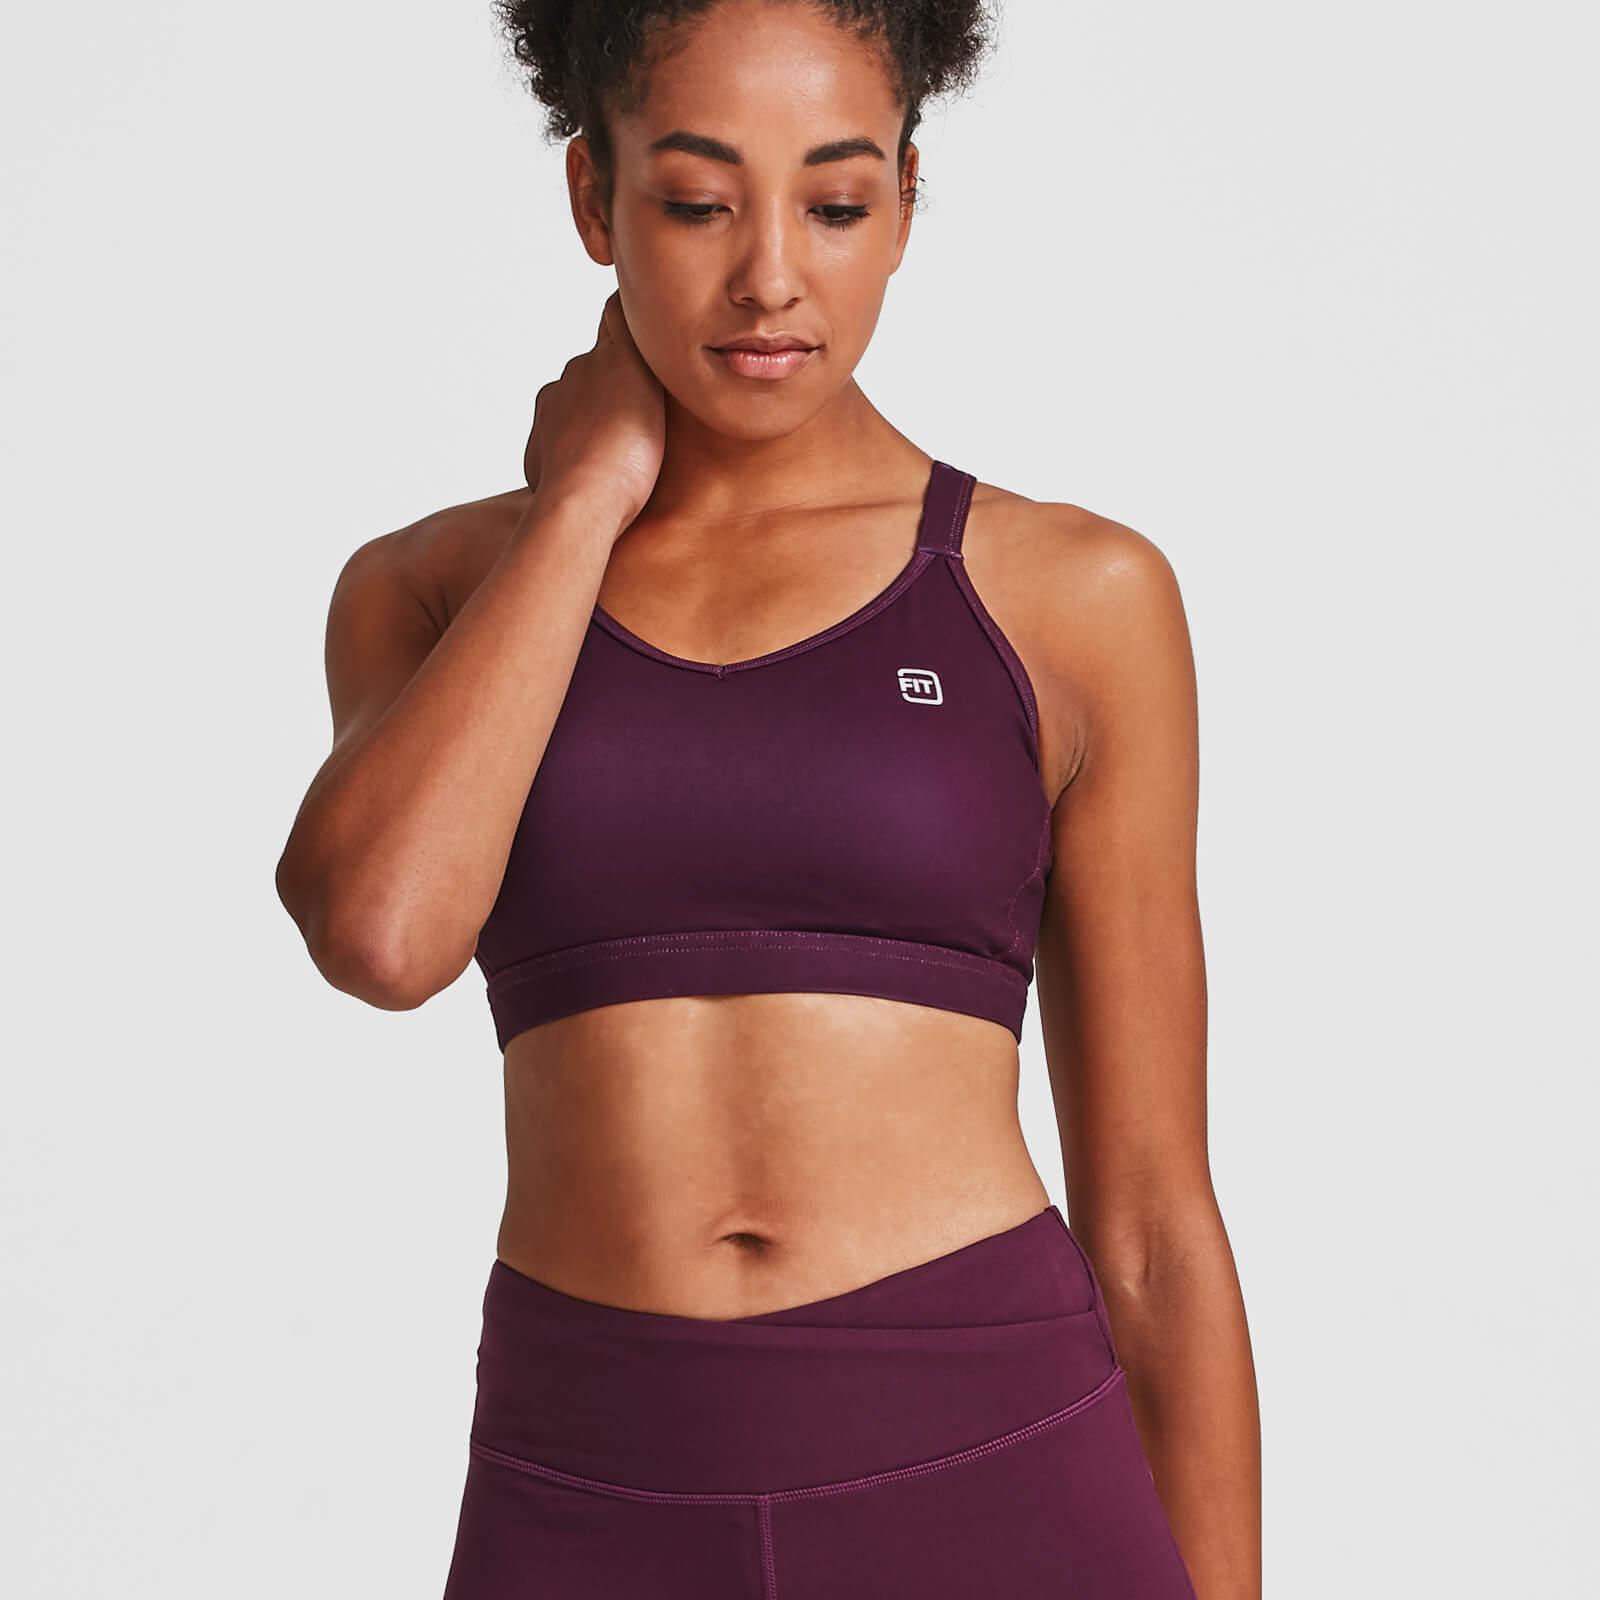 IdealFit Core Sports Bra - Dark Berry - L - Purple